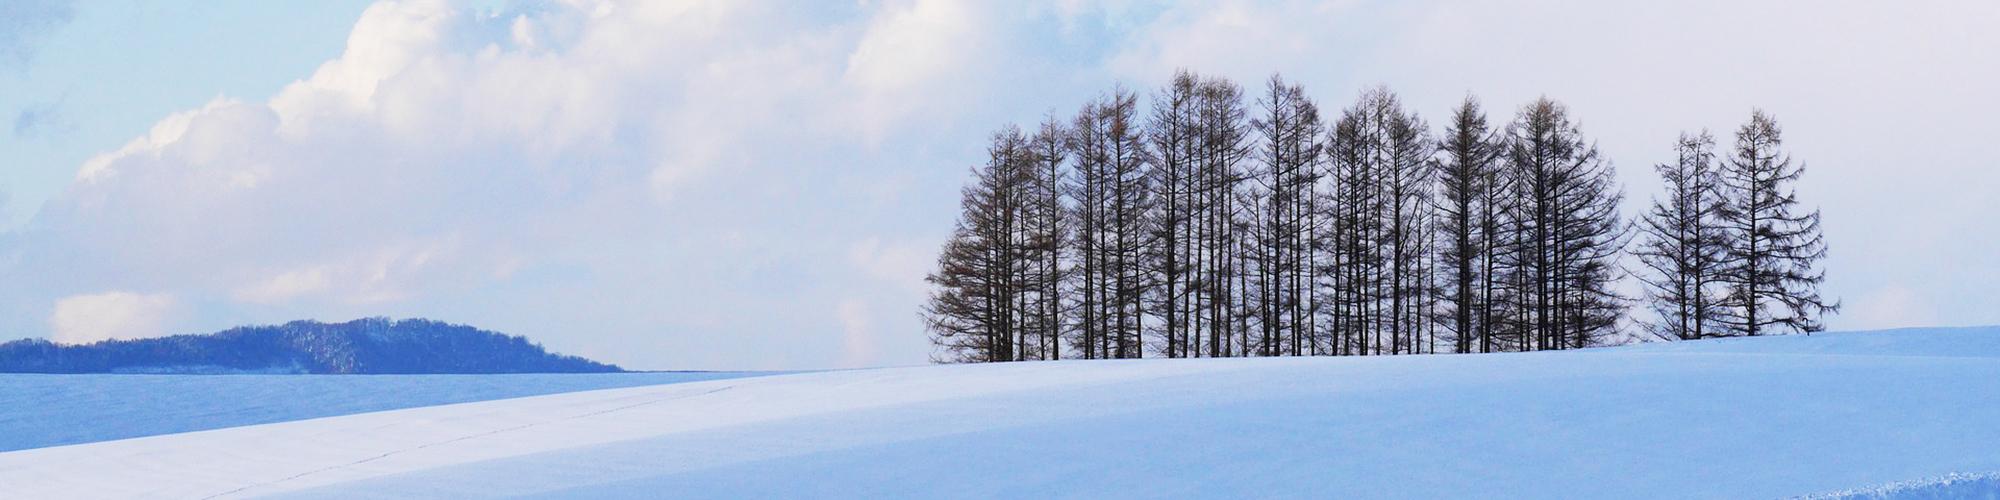 이 겨울, 일본 여행 꼭 가야 할 이유…고래·설원·온천